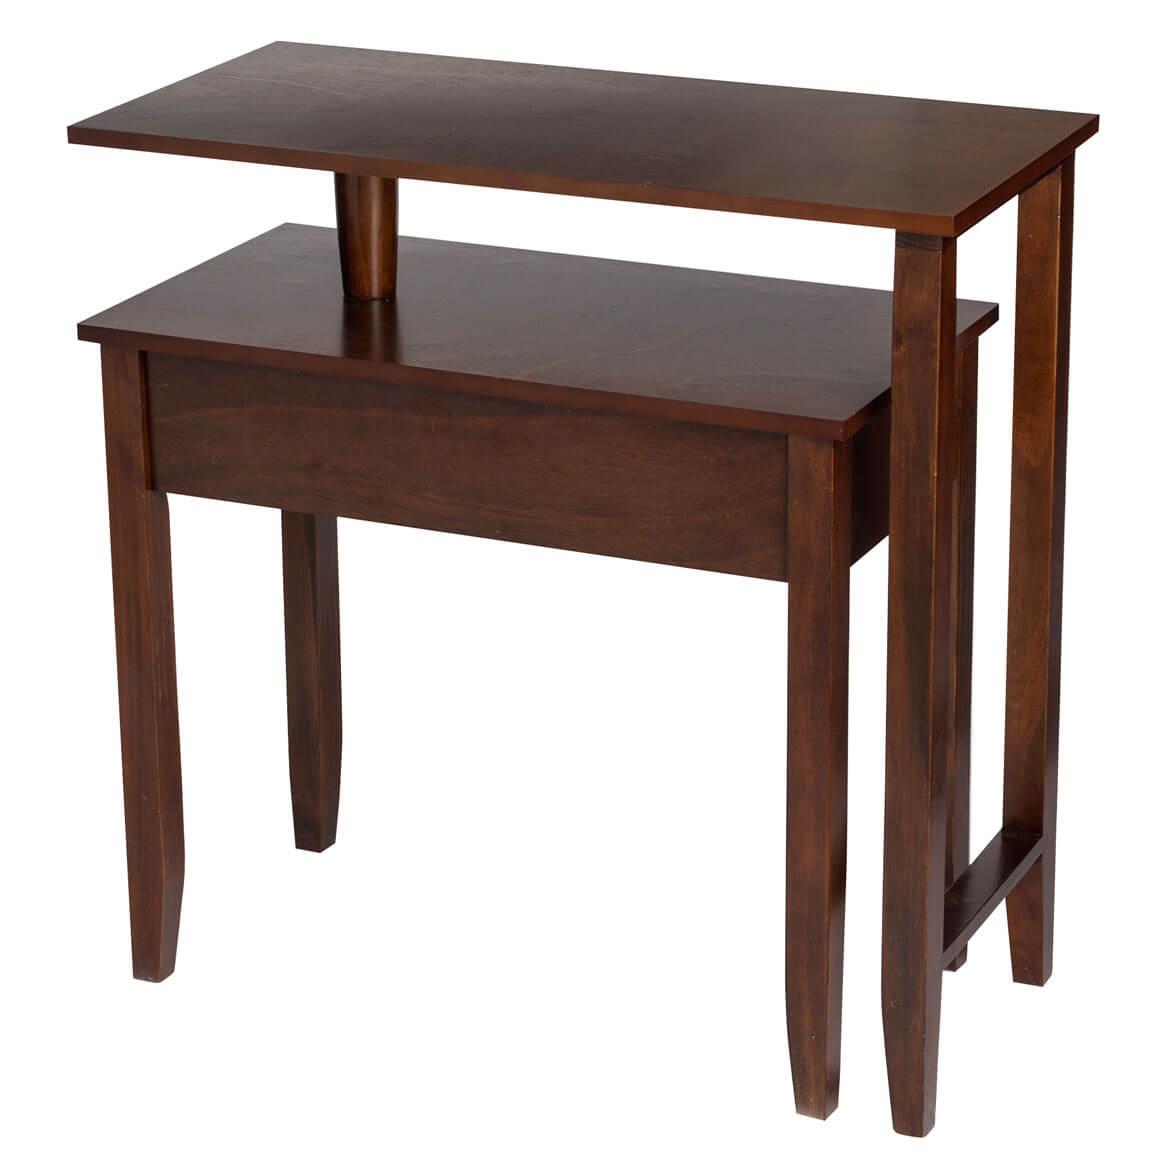 Two-Tier Swivel Table by OakRidge™           XL